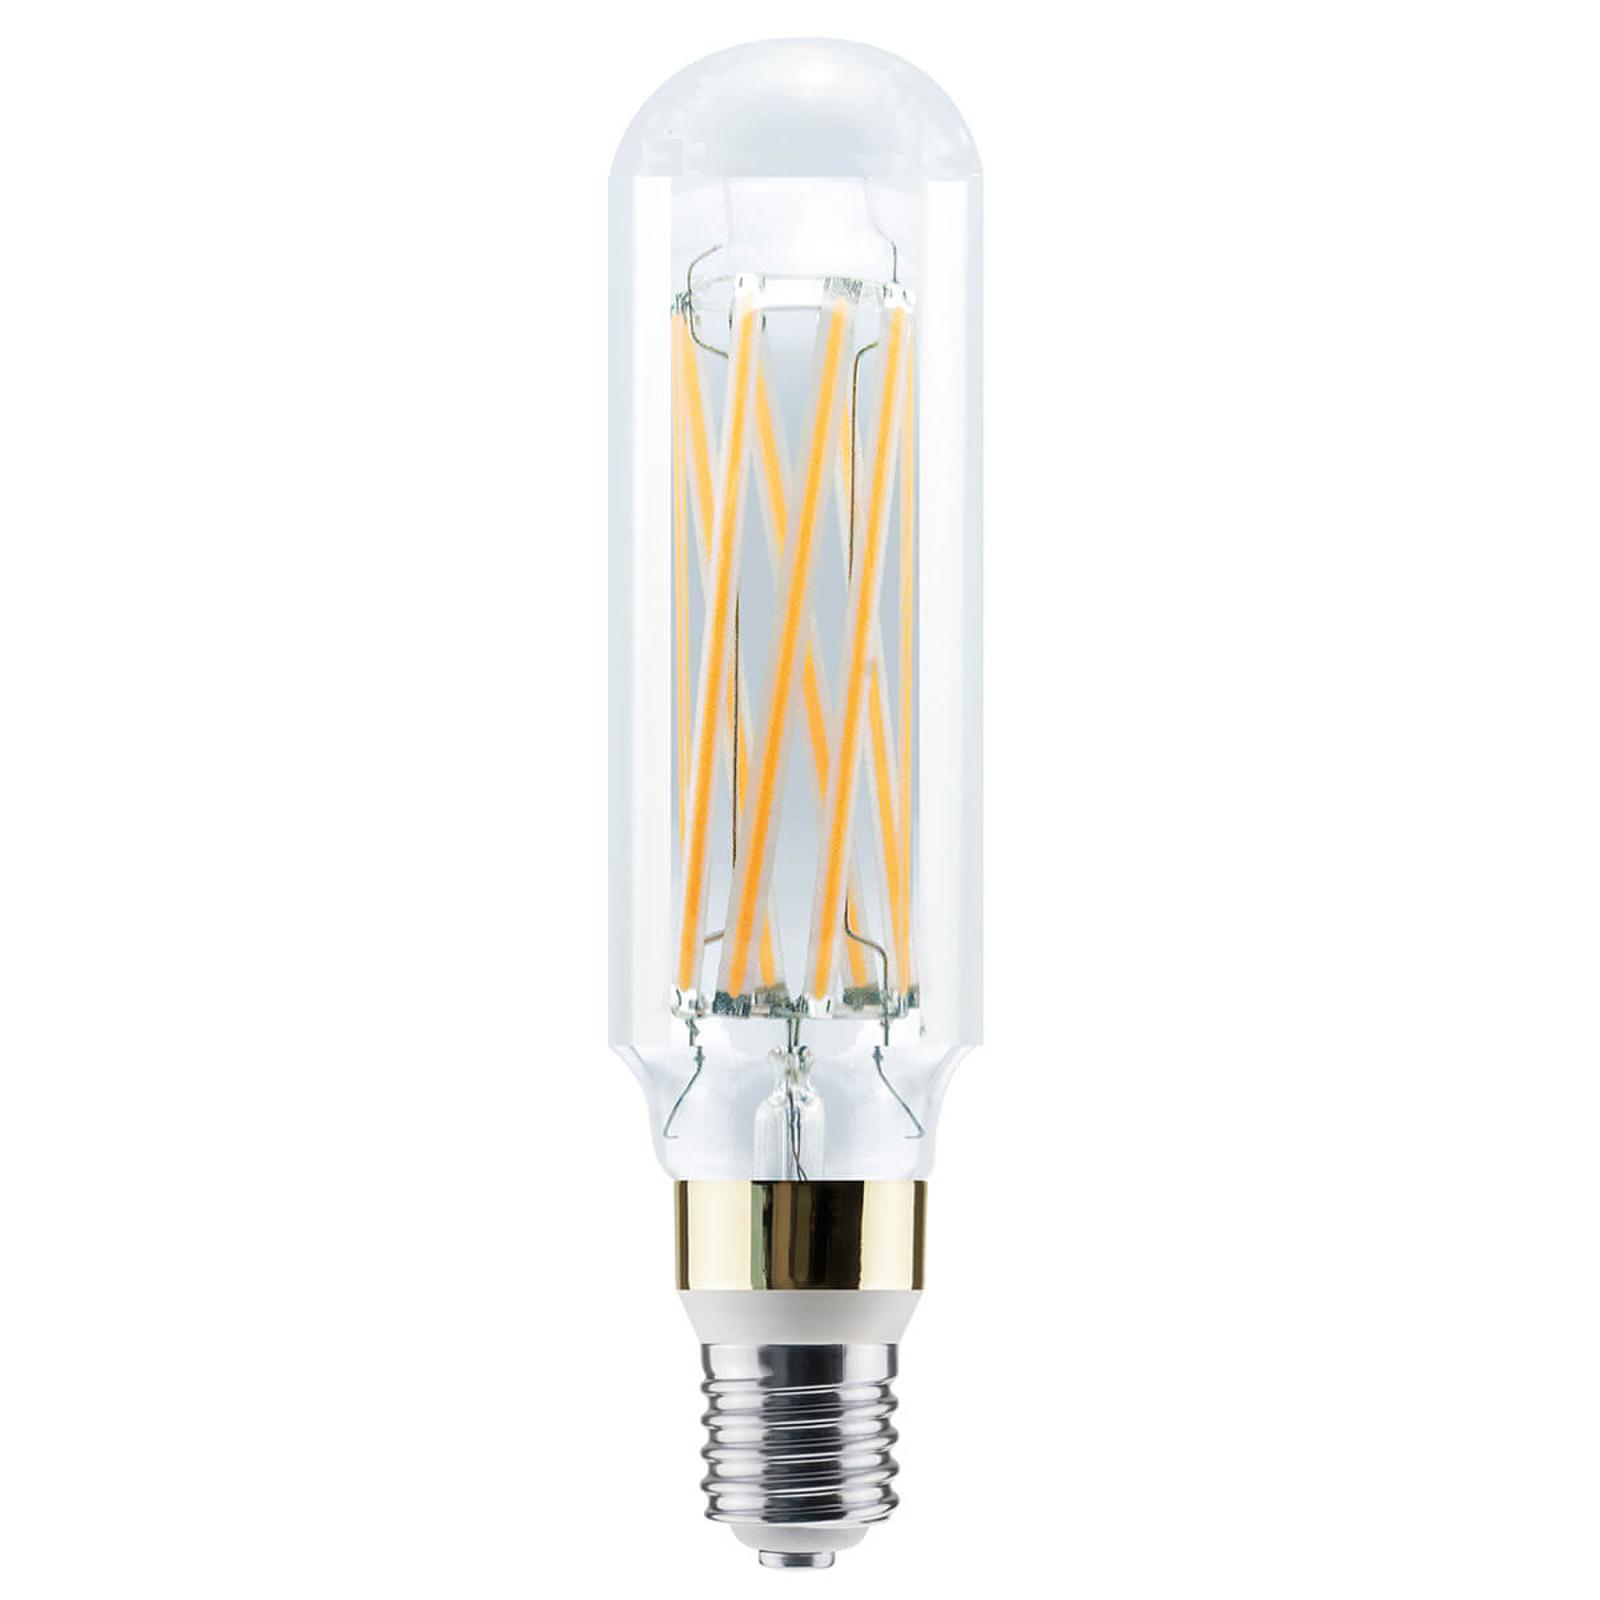 LED Tube E40 40 W, universalhvit, 4250 lumen